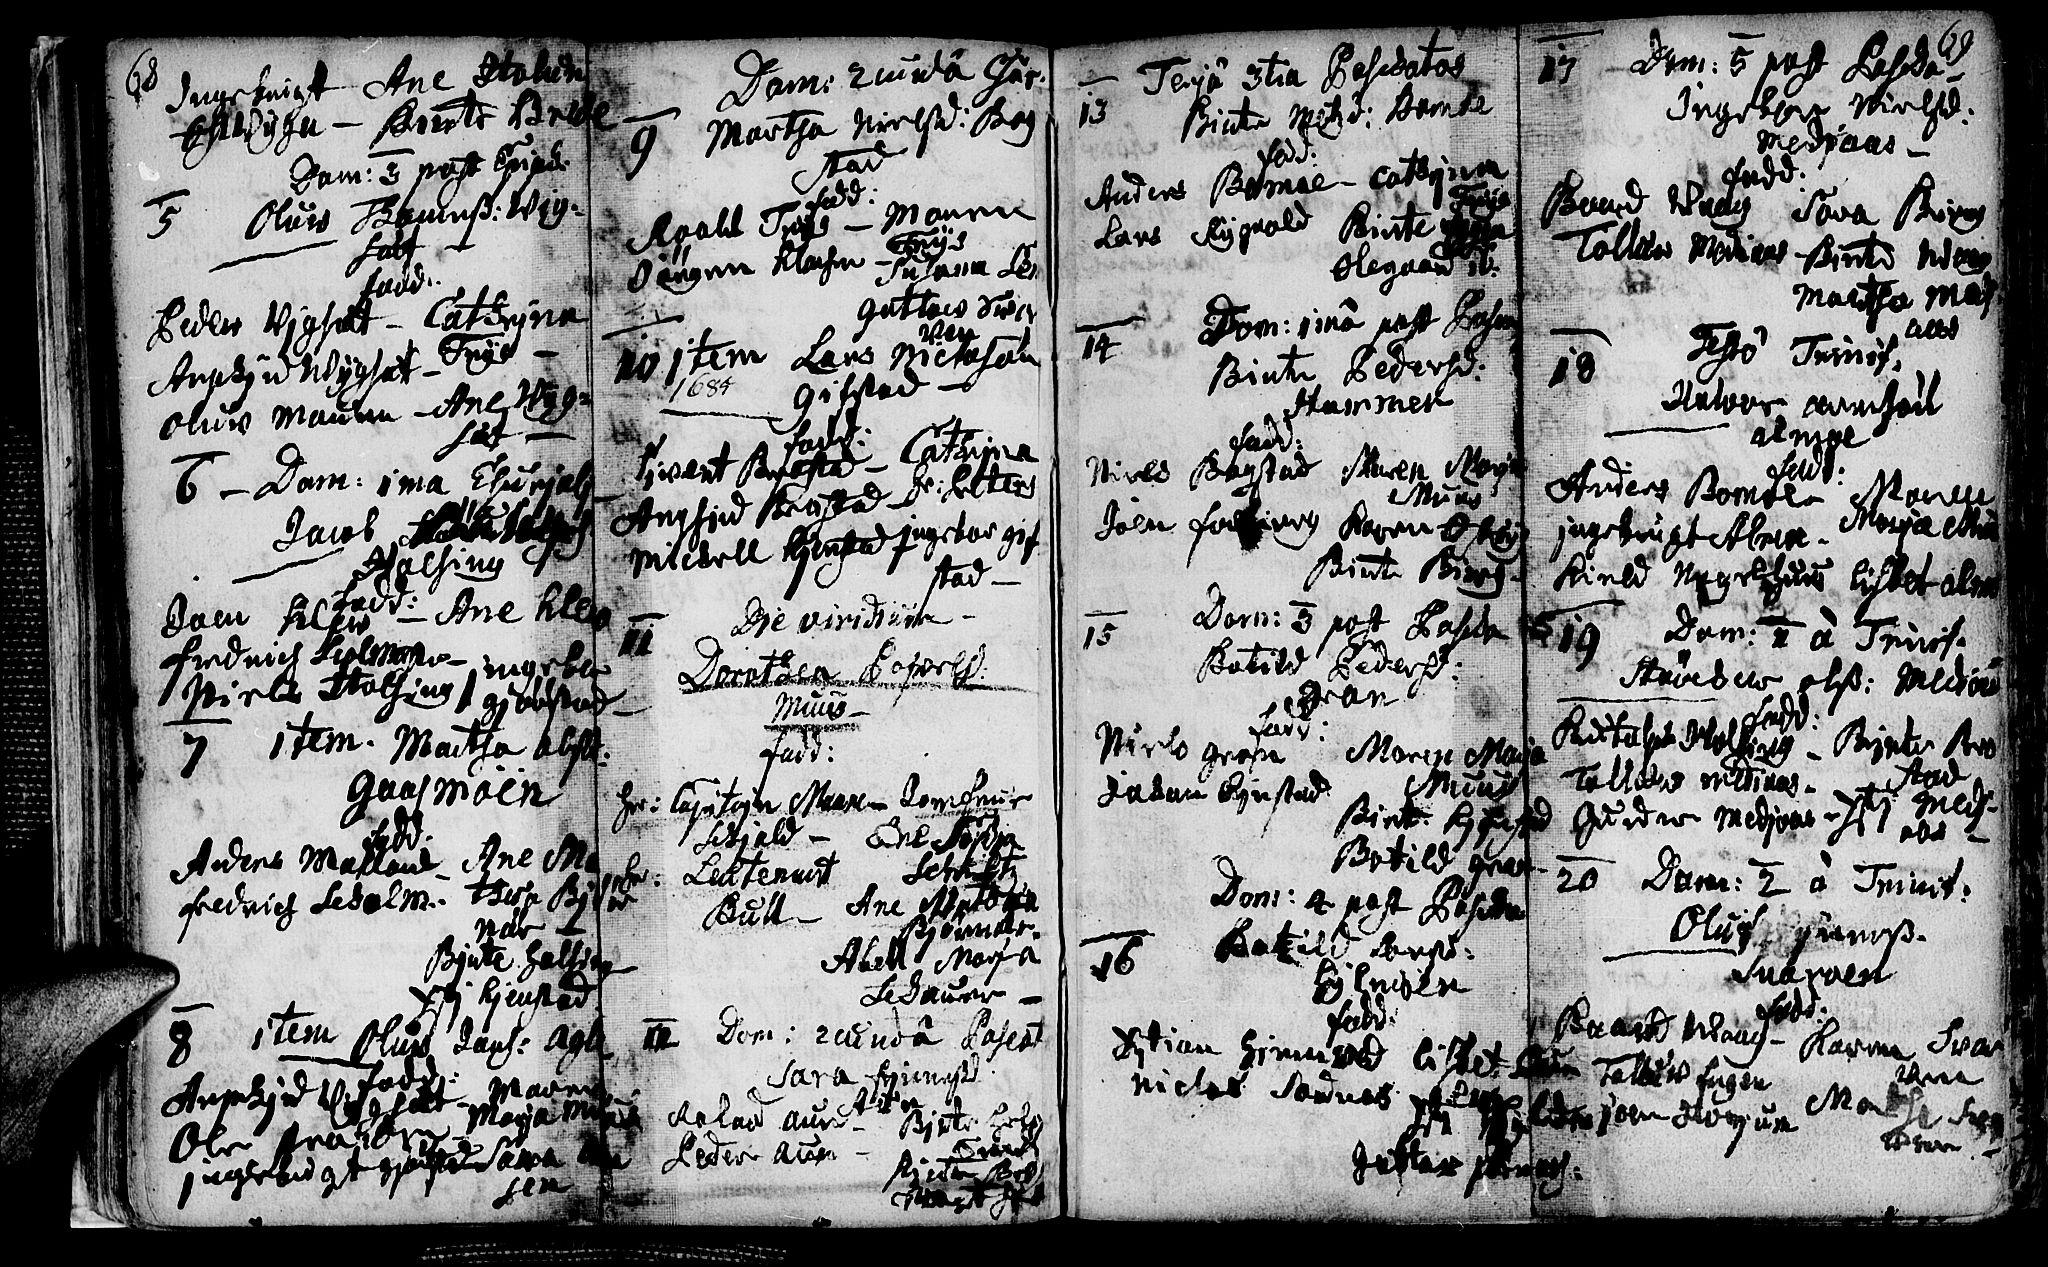 SAT, Ministerialprotokoller, klokkerbøker og fødselsregistre - Nord-Trøndelag, 749/L0467: Ministerialbok nr. 749A01, 1733-1787, s. 68-69